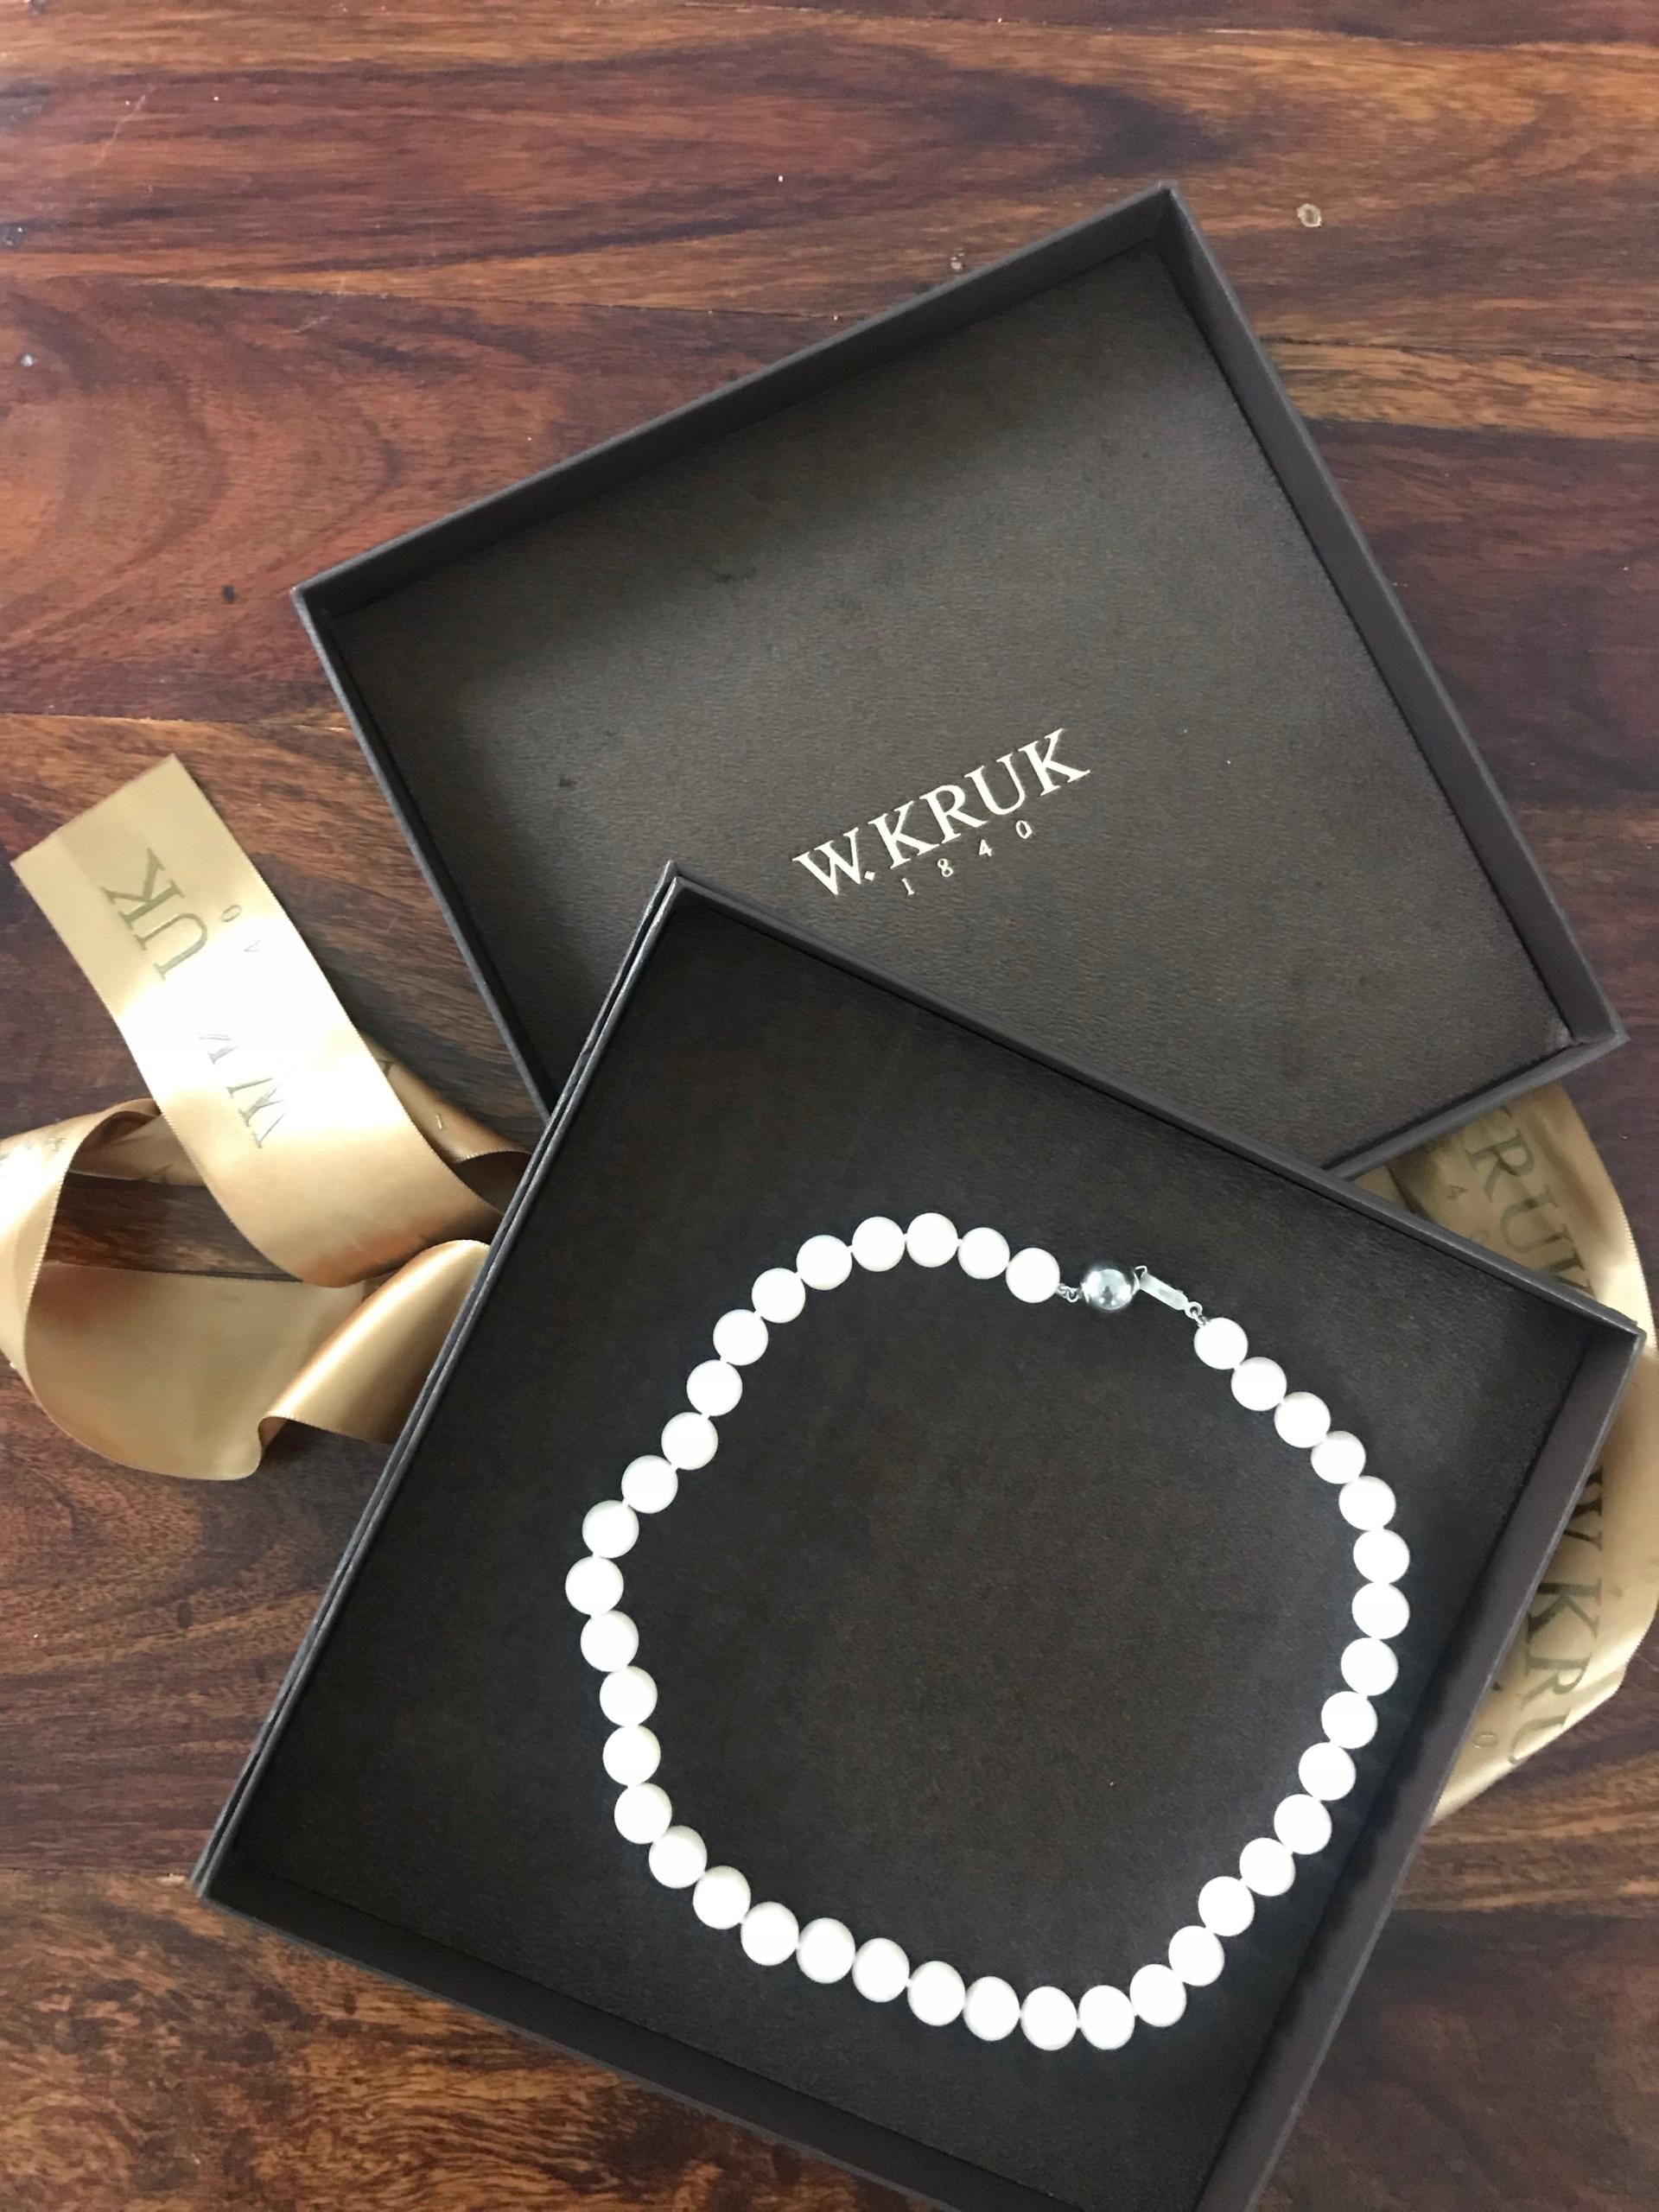 7c672ed4f401f Naszyjnik z pereł - Styl Coco Chanel - 7789330369 - oficjalne ...